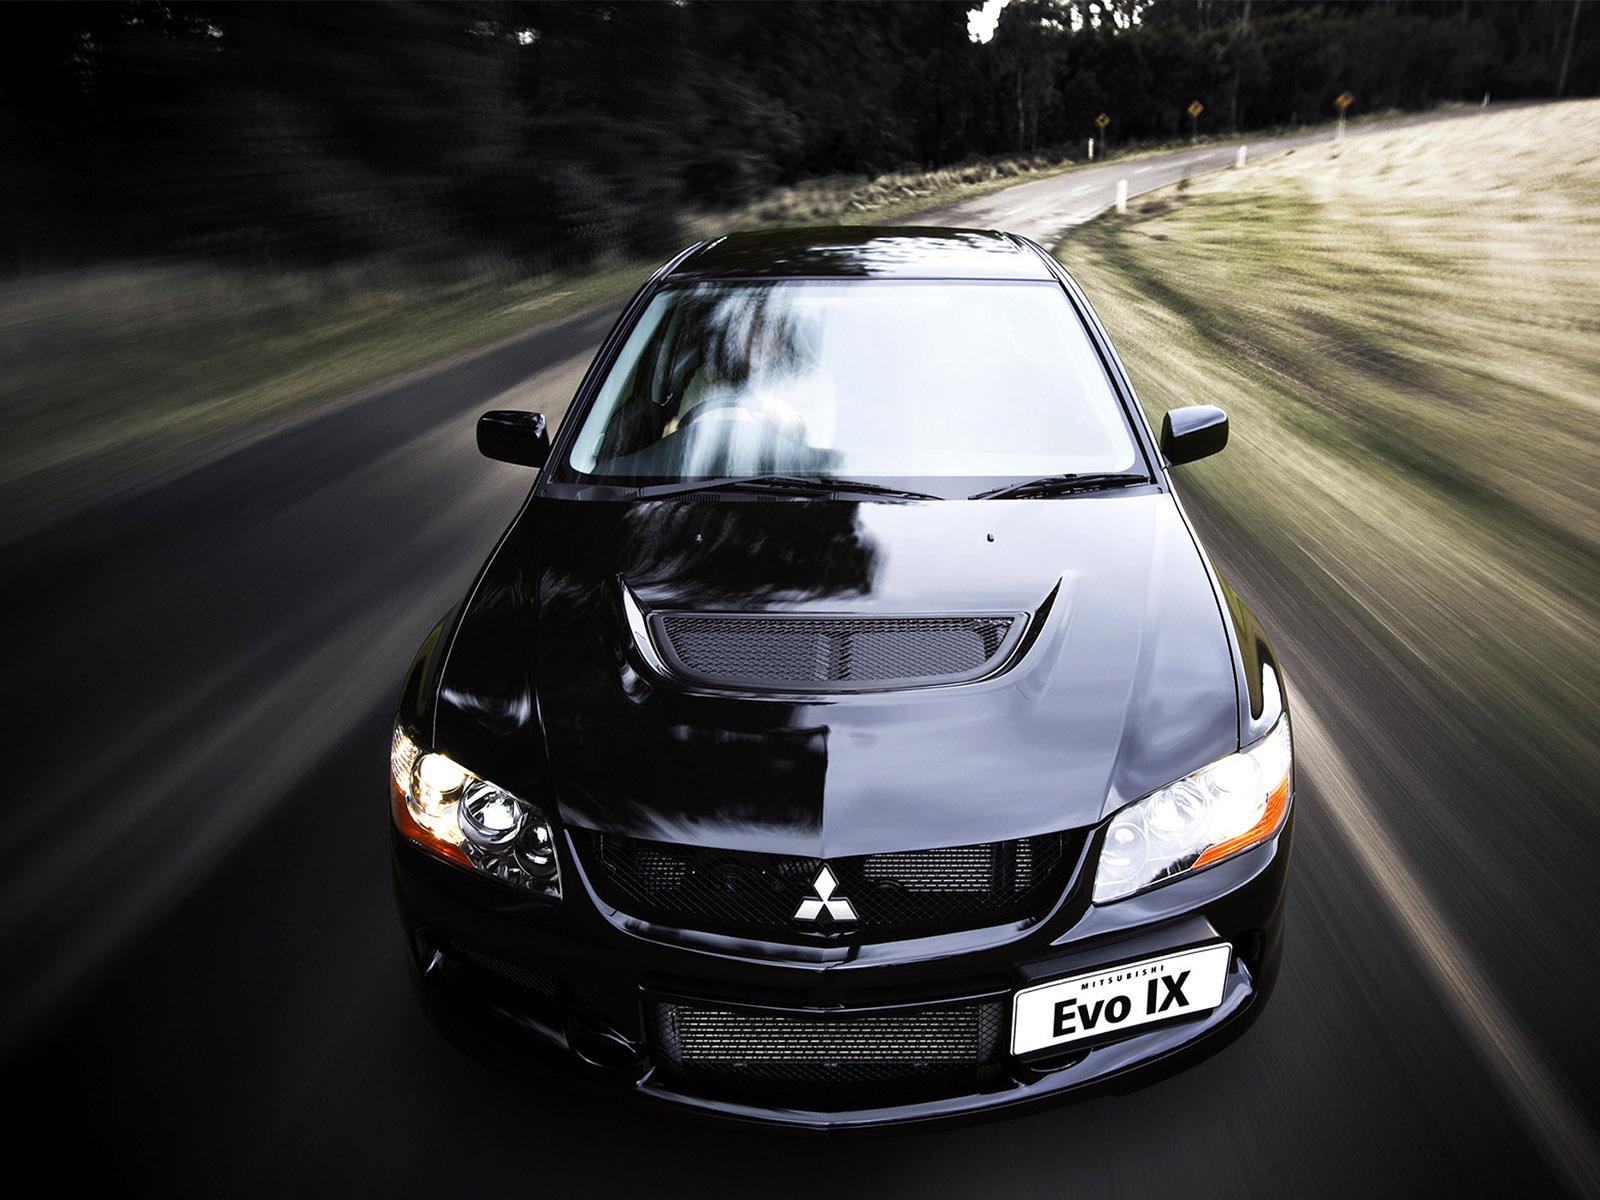 Mitsubishi Lancer Evolution IX 2005-2007 Photo 06